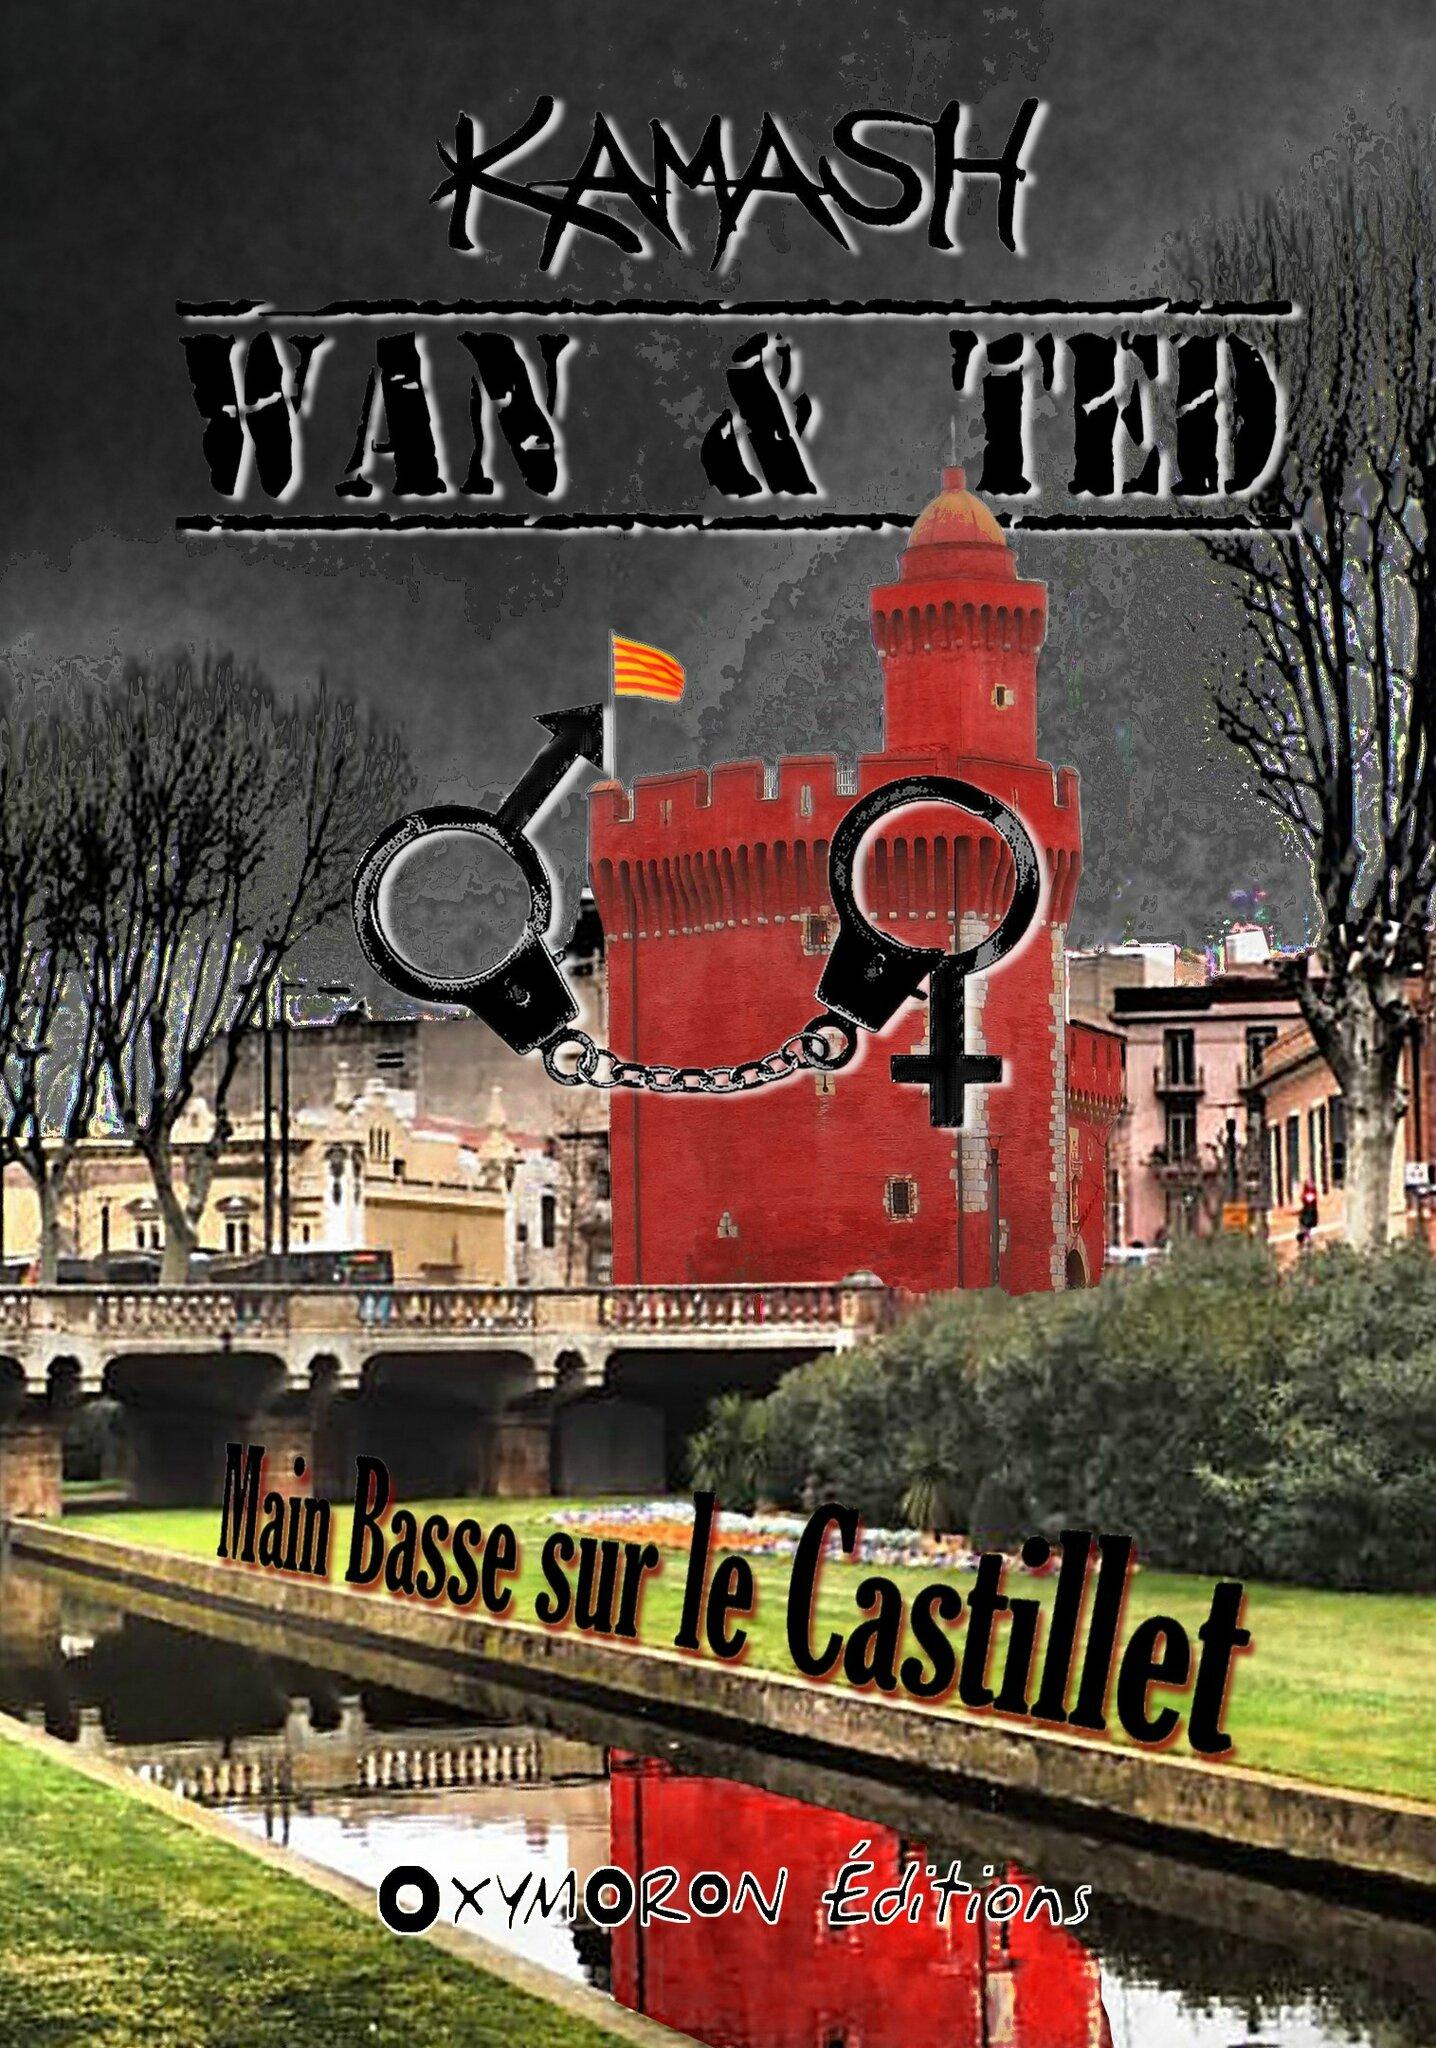 Wan & Ted - Main Basse sur le Castillet